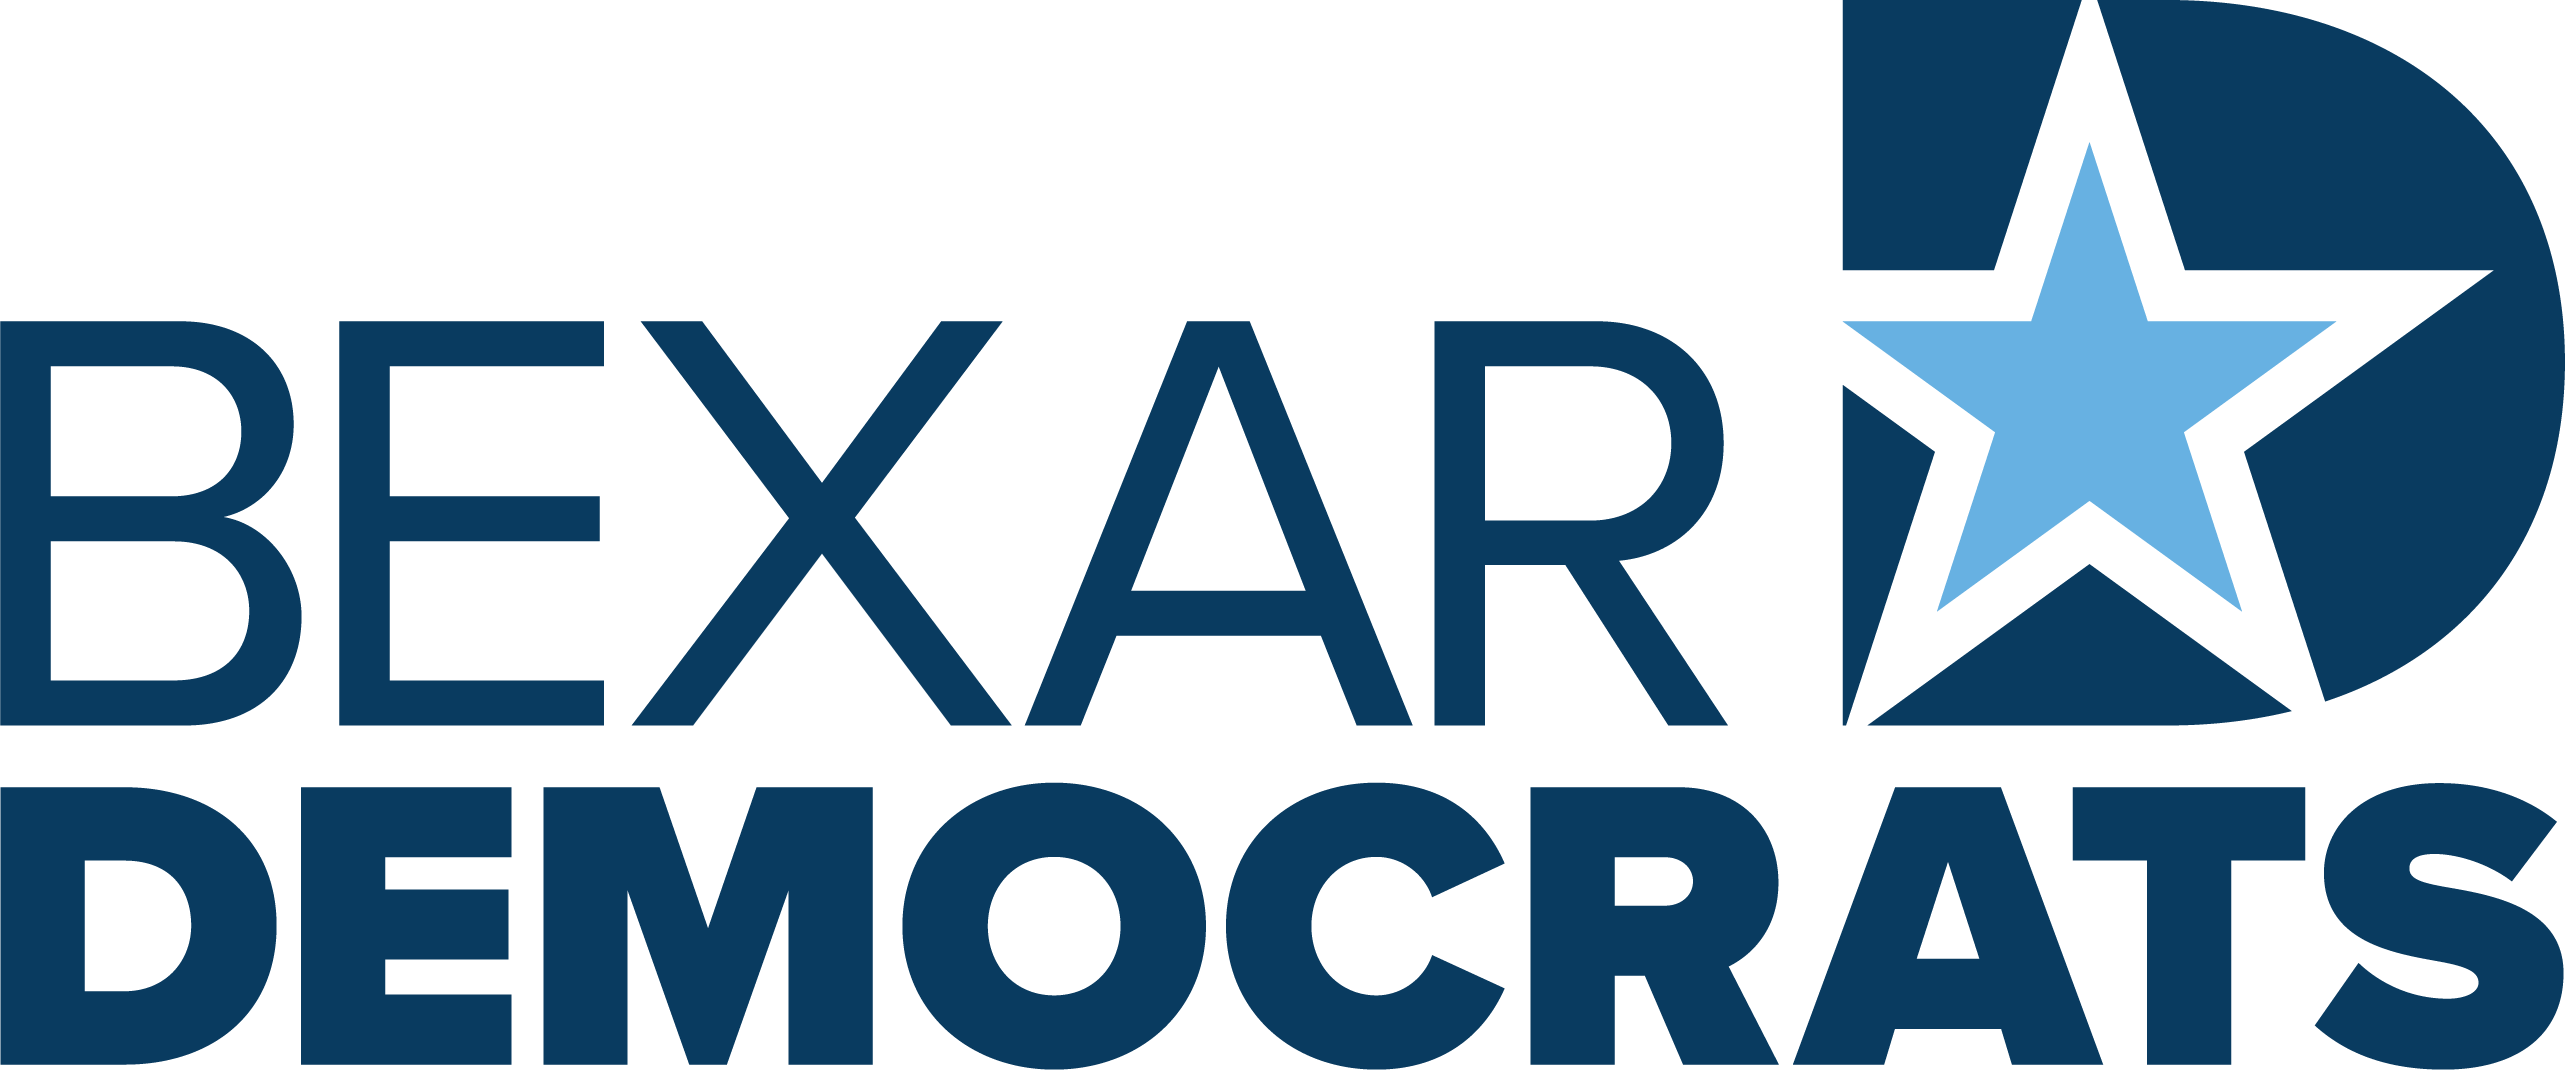 Bexar County Democratic Party (TX)